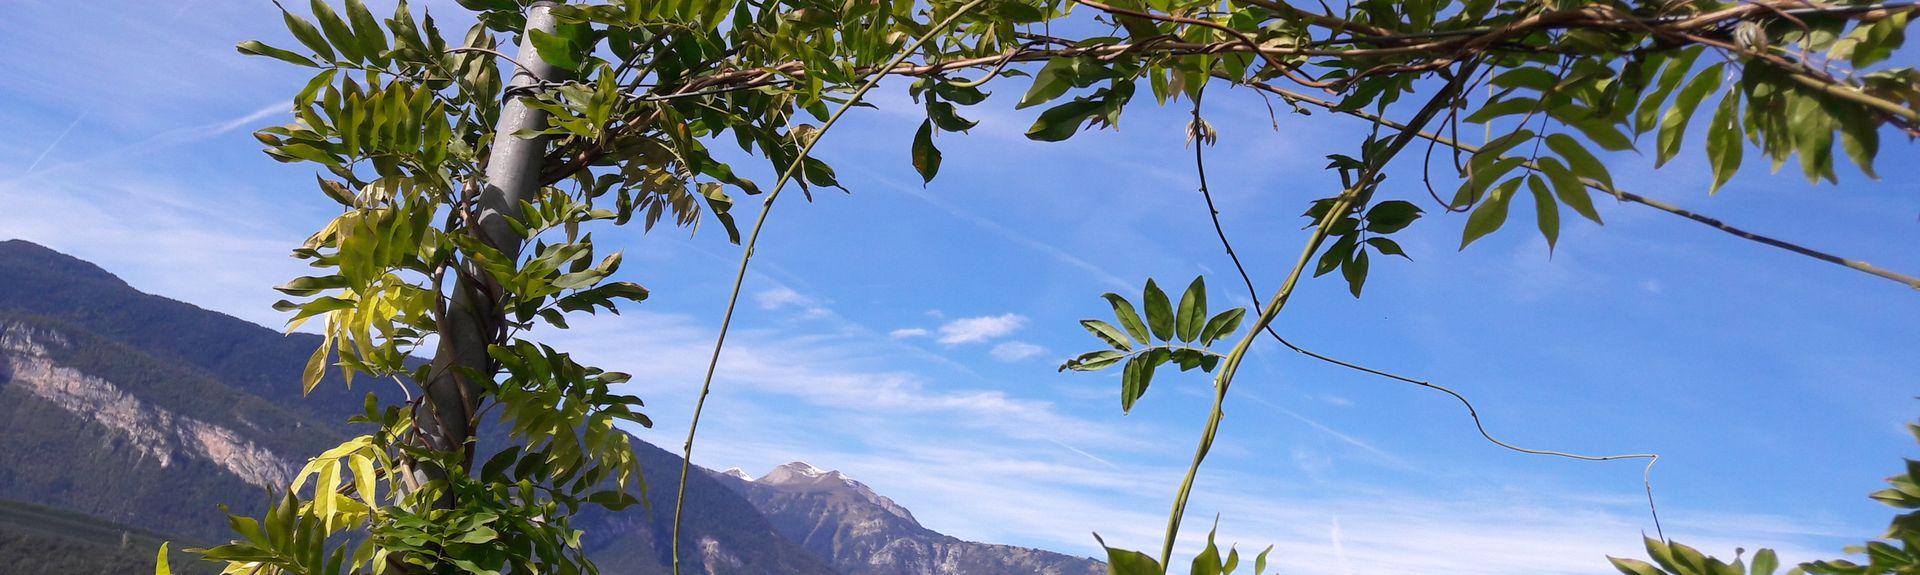 Wieża Verde , Trento, Trydent-Górna Adyga, Włochy